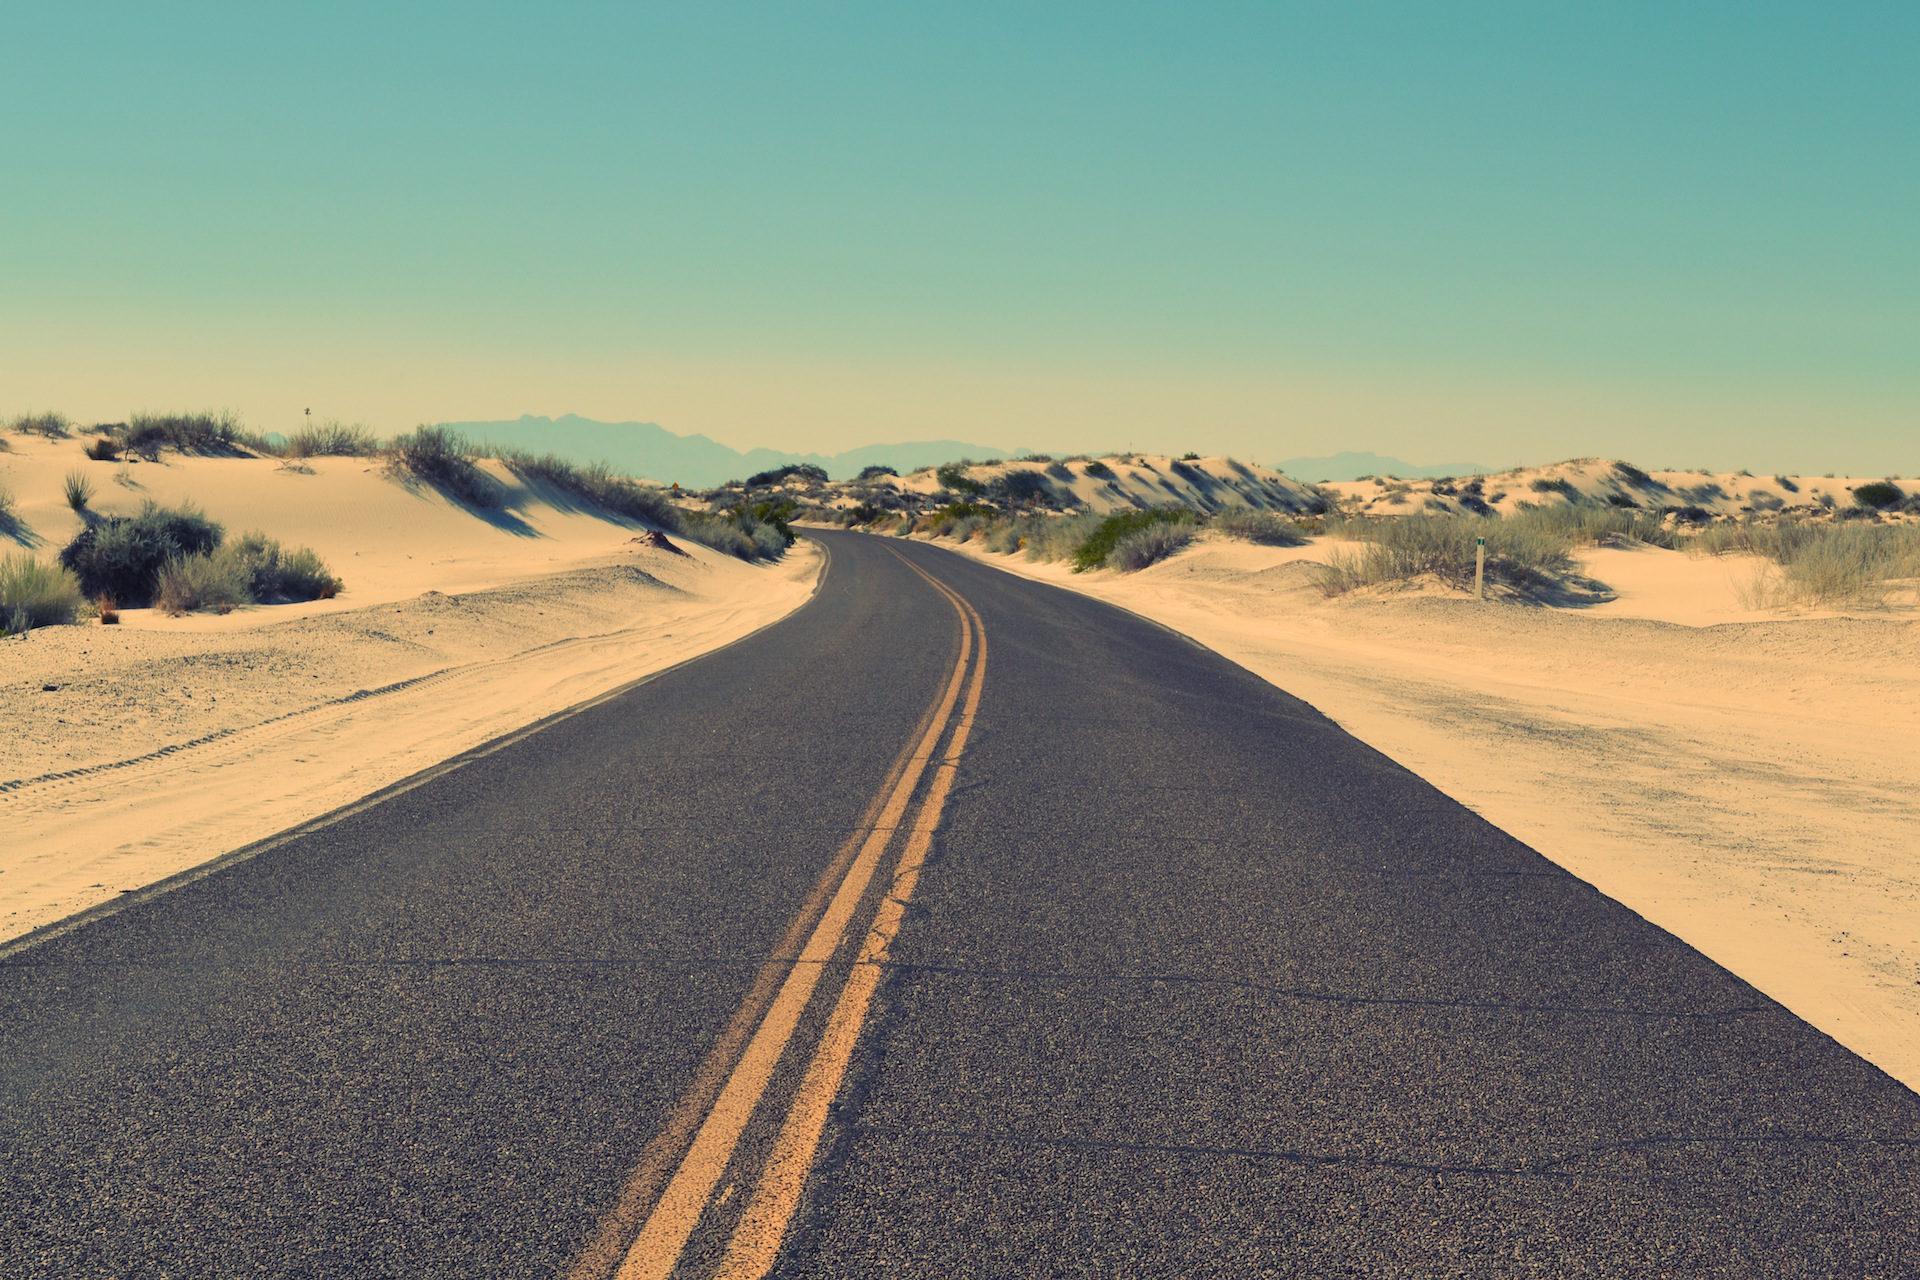 Δρόμου, ασφάλτου, έρημο, Άμμος, έχασε - Wallpapers HD - Professor-falken.com